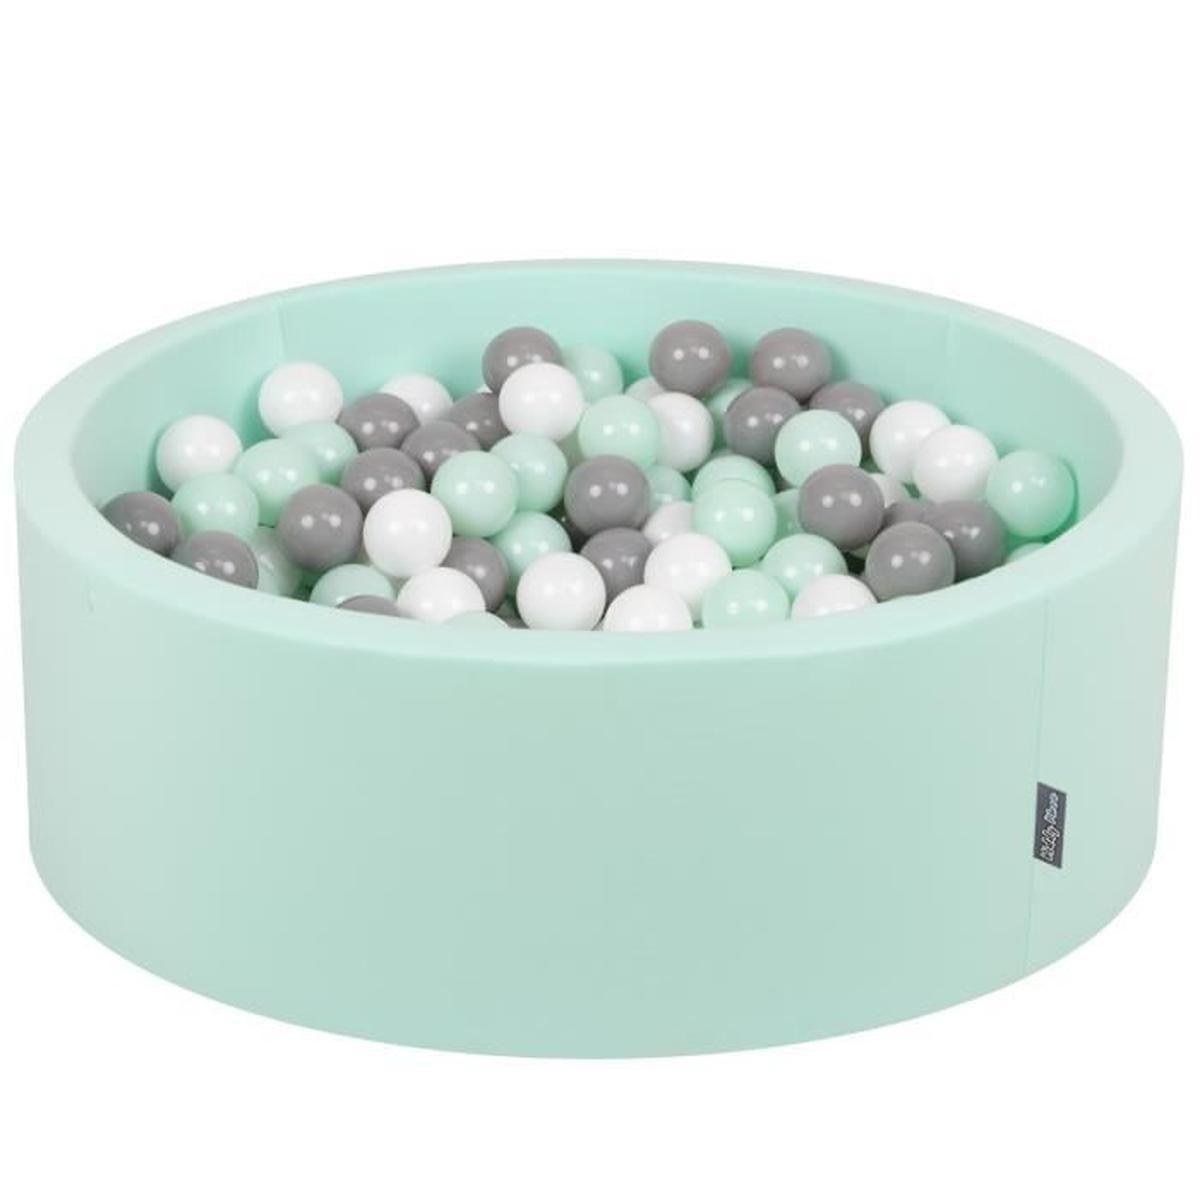 Kiddymoon 90X30Cm/200 Balles ∅ 7Cm Piscine À Balles Pour ... avec Piscine A Balle En Mousse